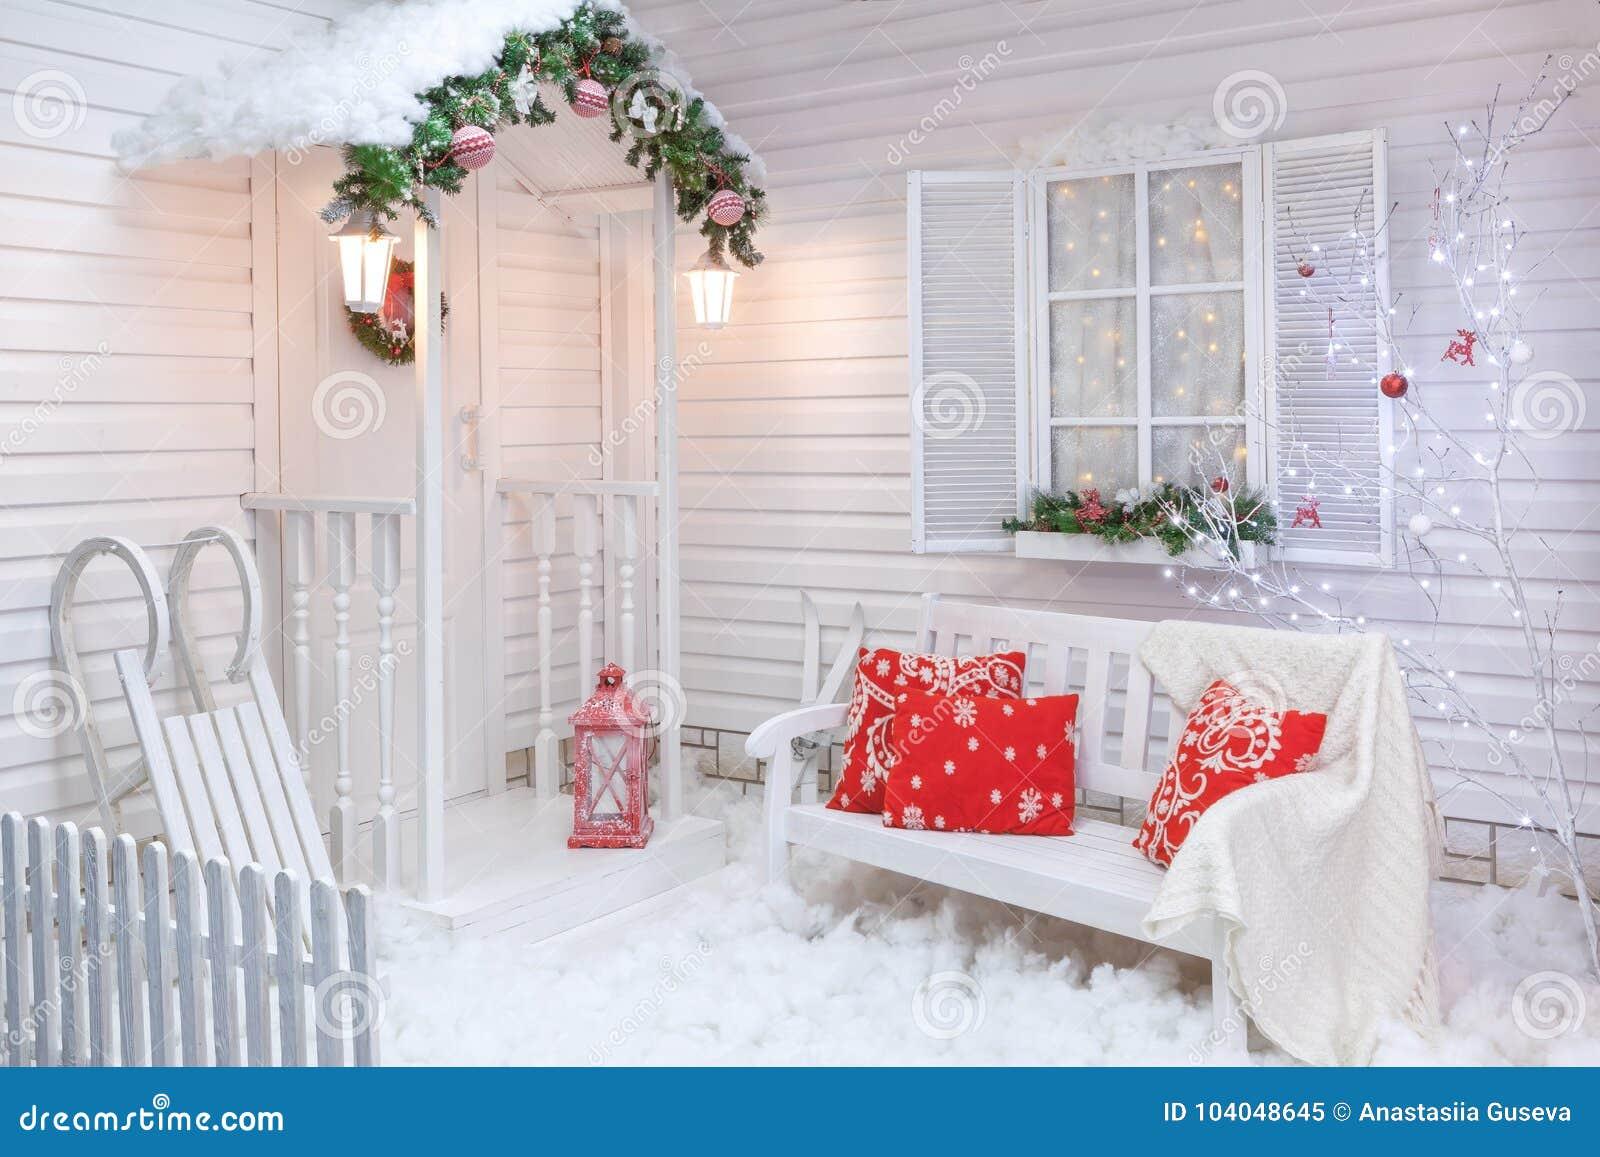 Decorazioni Natalizie Esterno Casa.Esterno Di Inverno Di Una Casa Di Campagna Con Le Decorazioni Di